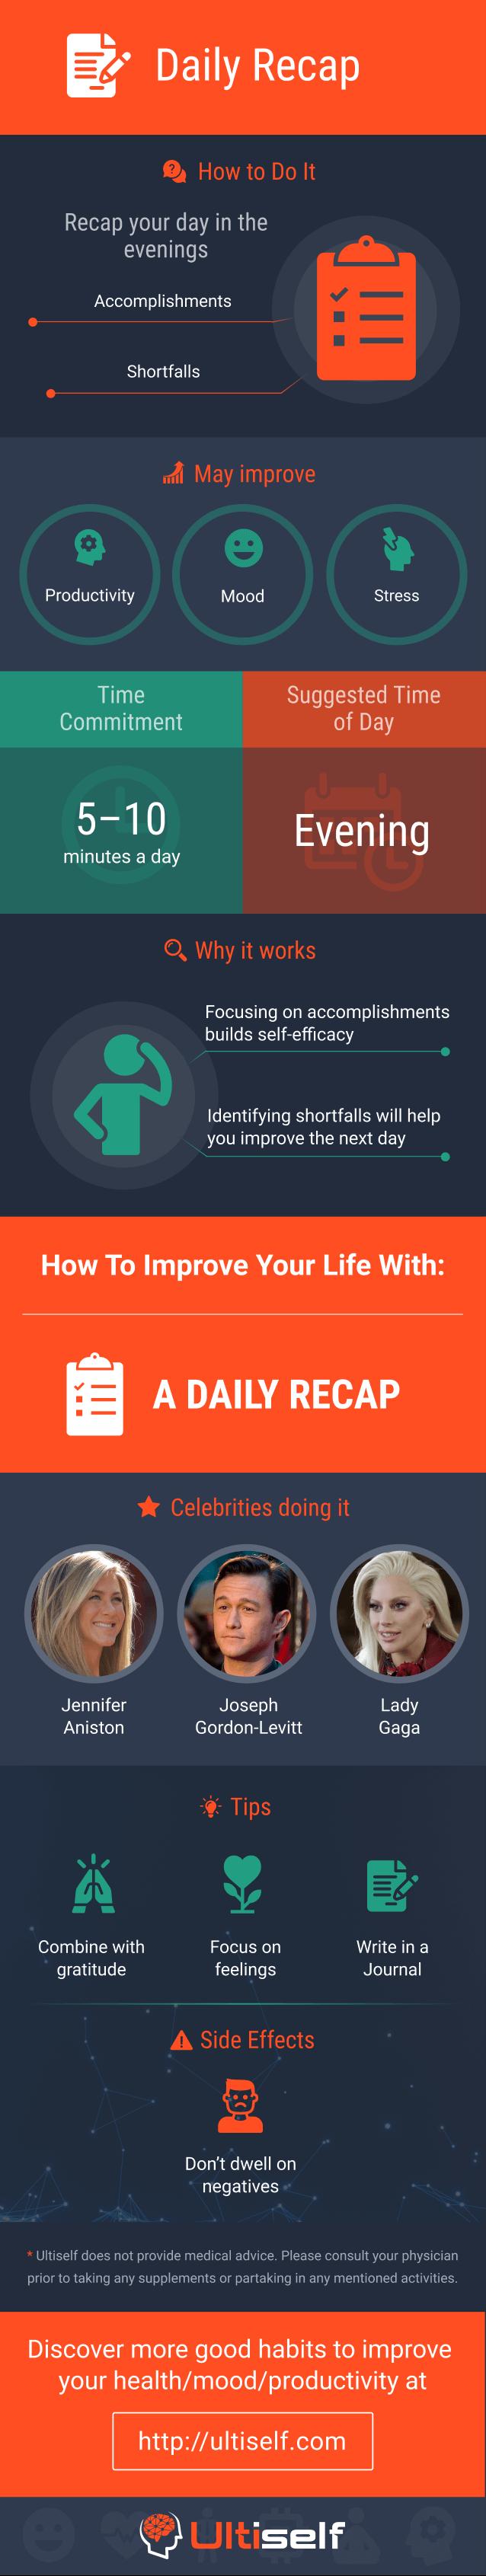 Daily Recap infographic